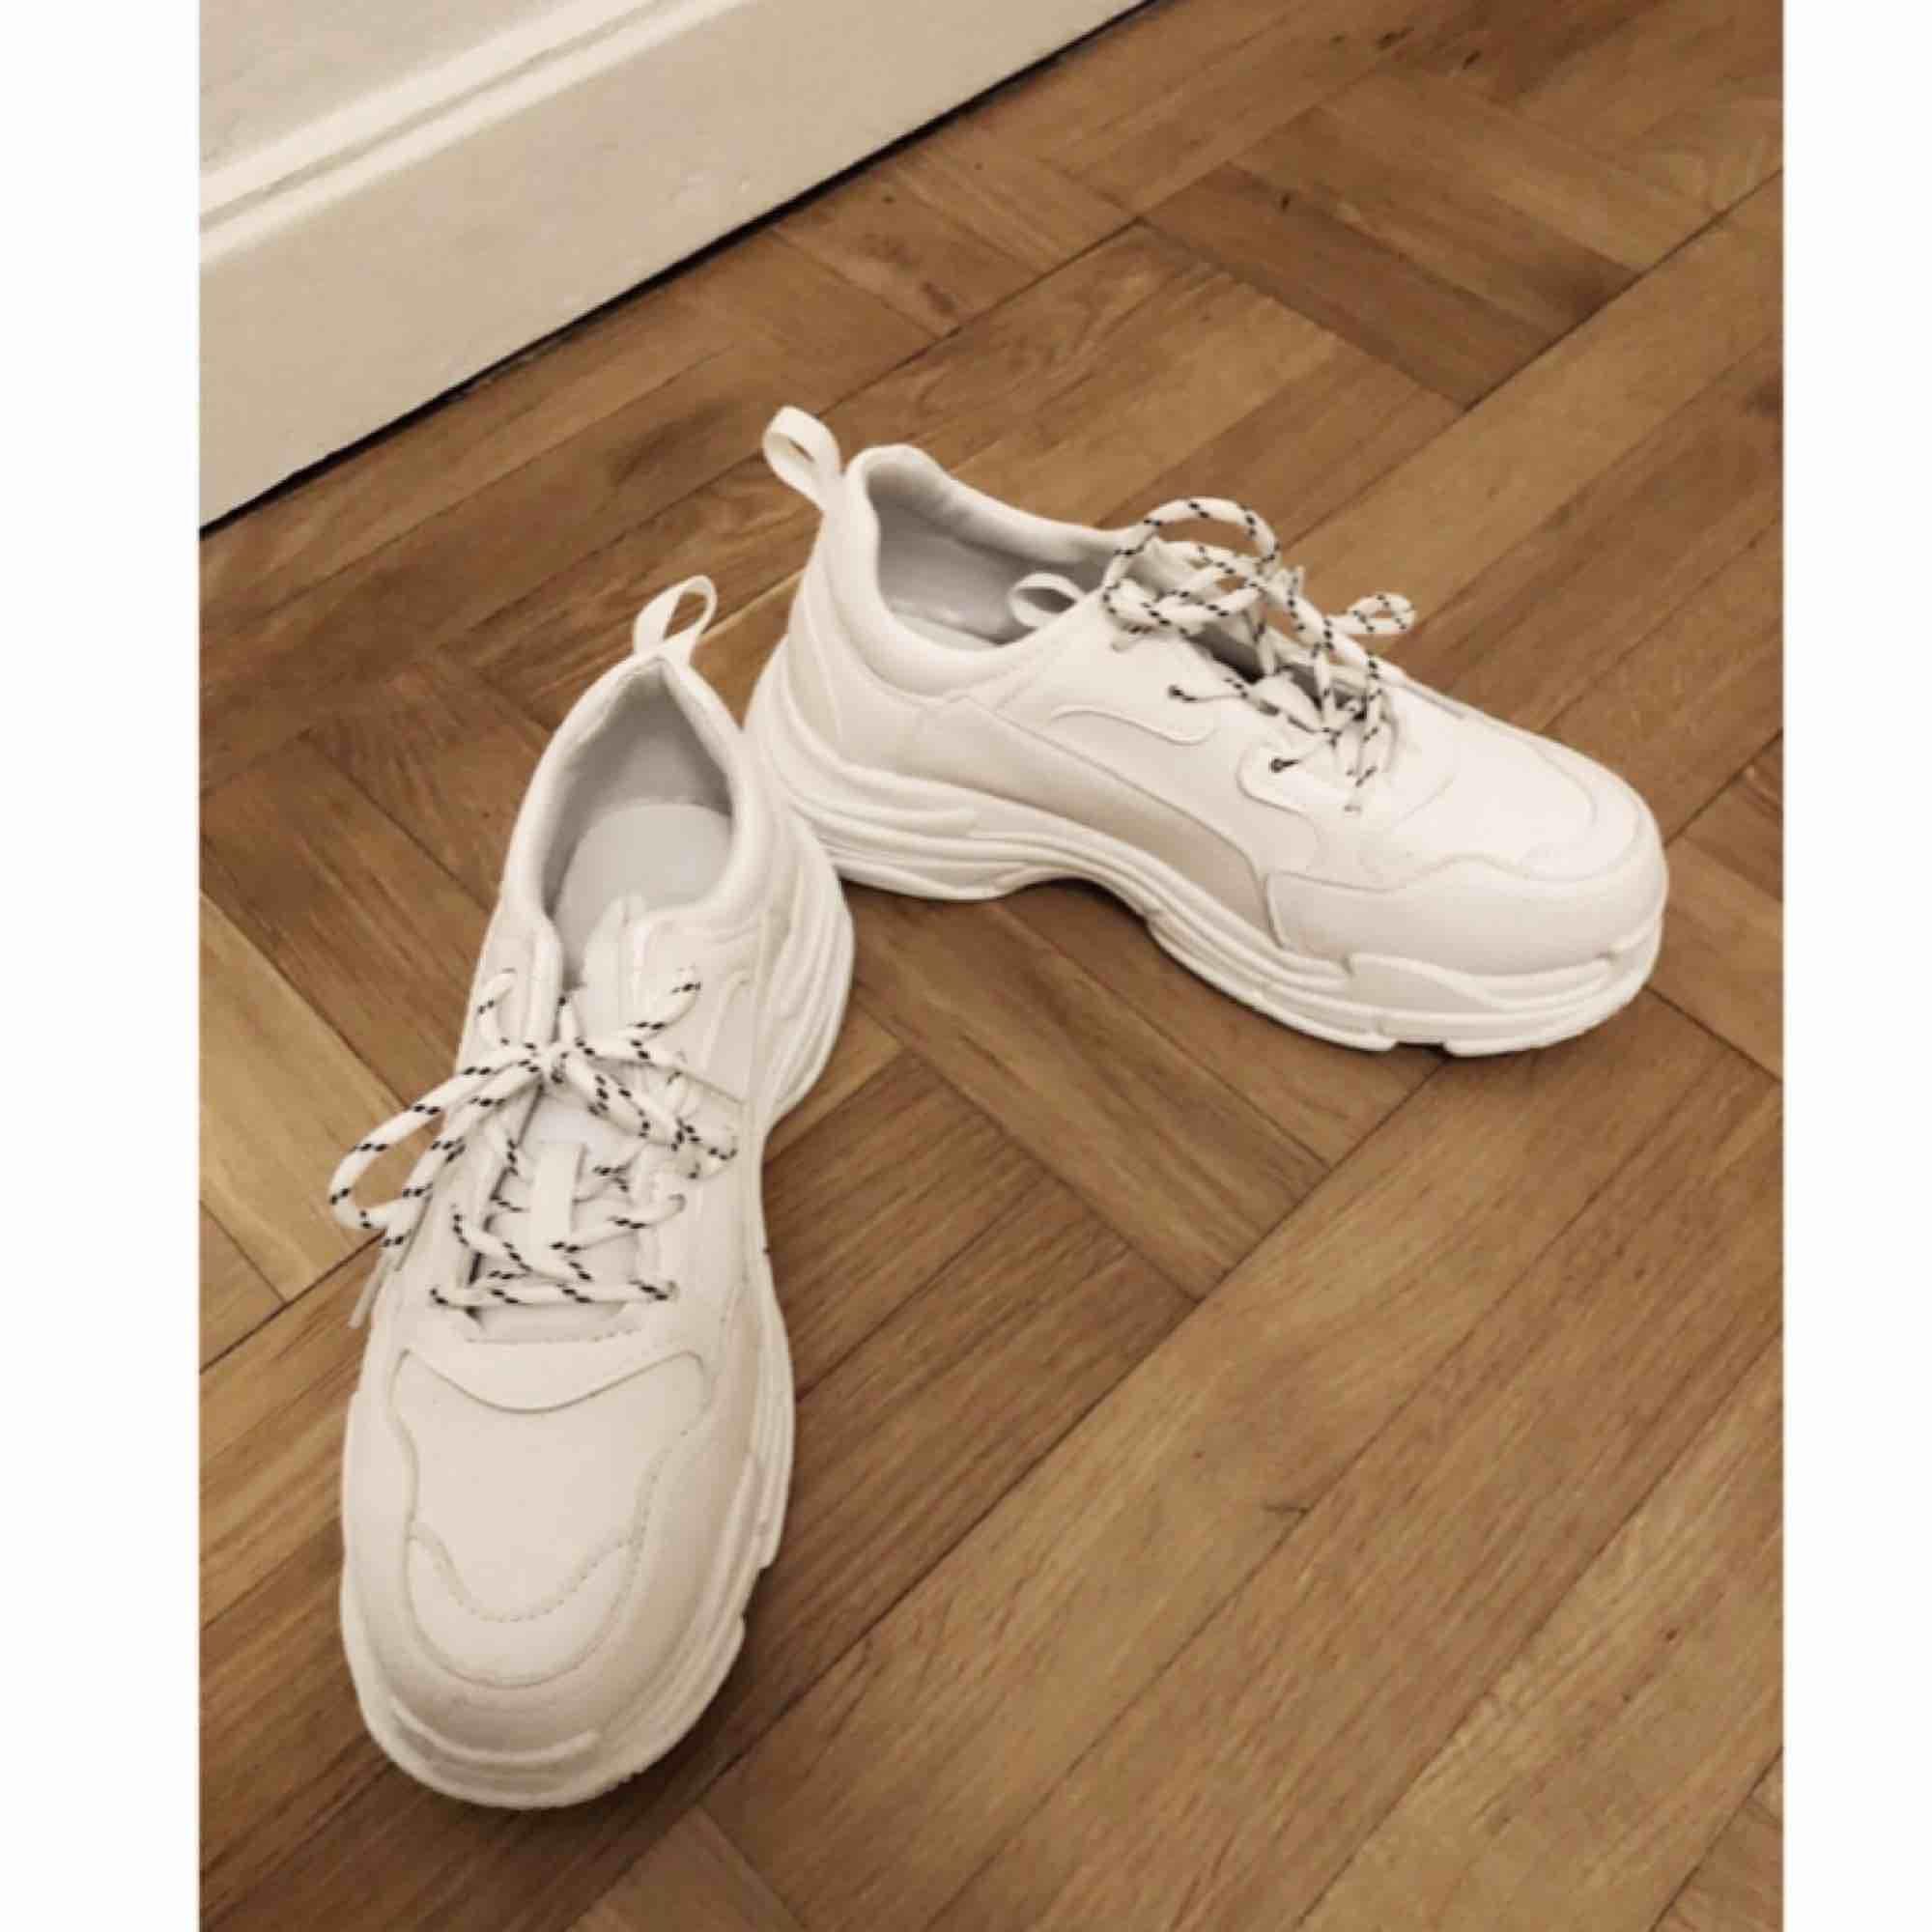 Chunky sneakers storlek 39 men de är små i storleken så passar en 38. säljer pga för små😭 Frakt 75. Skor.